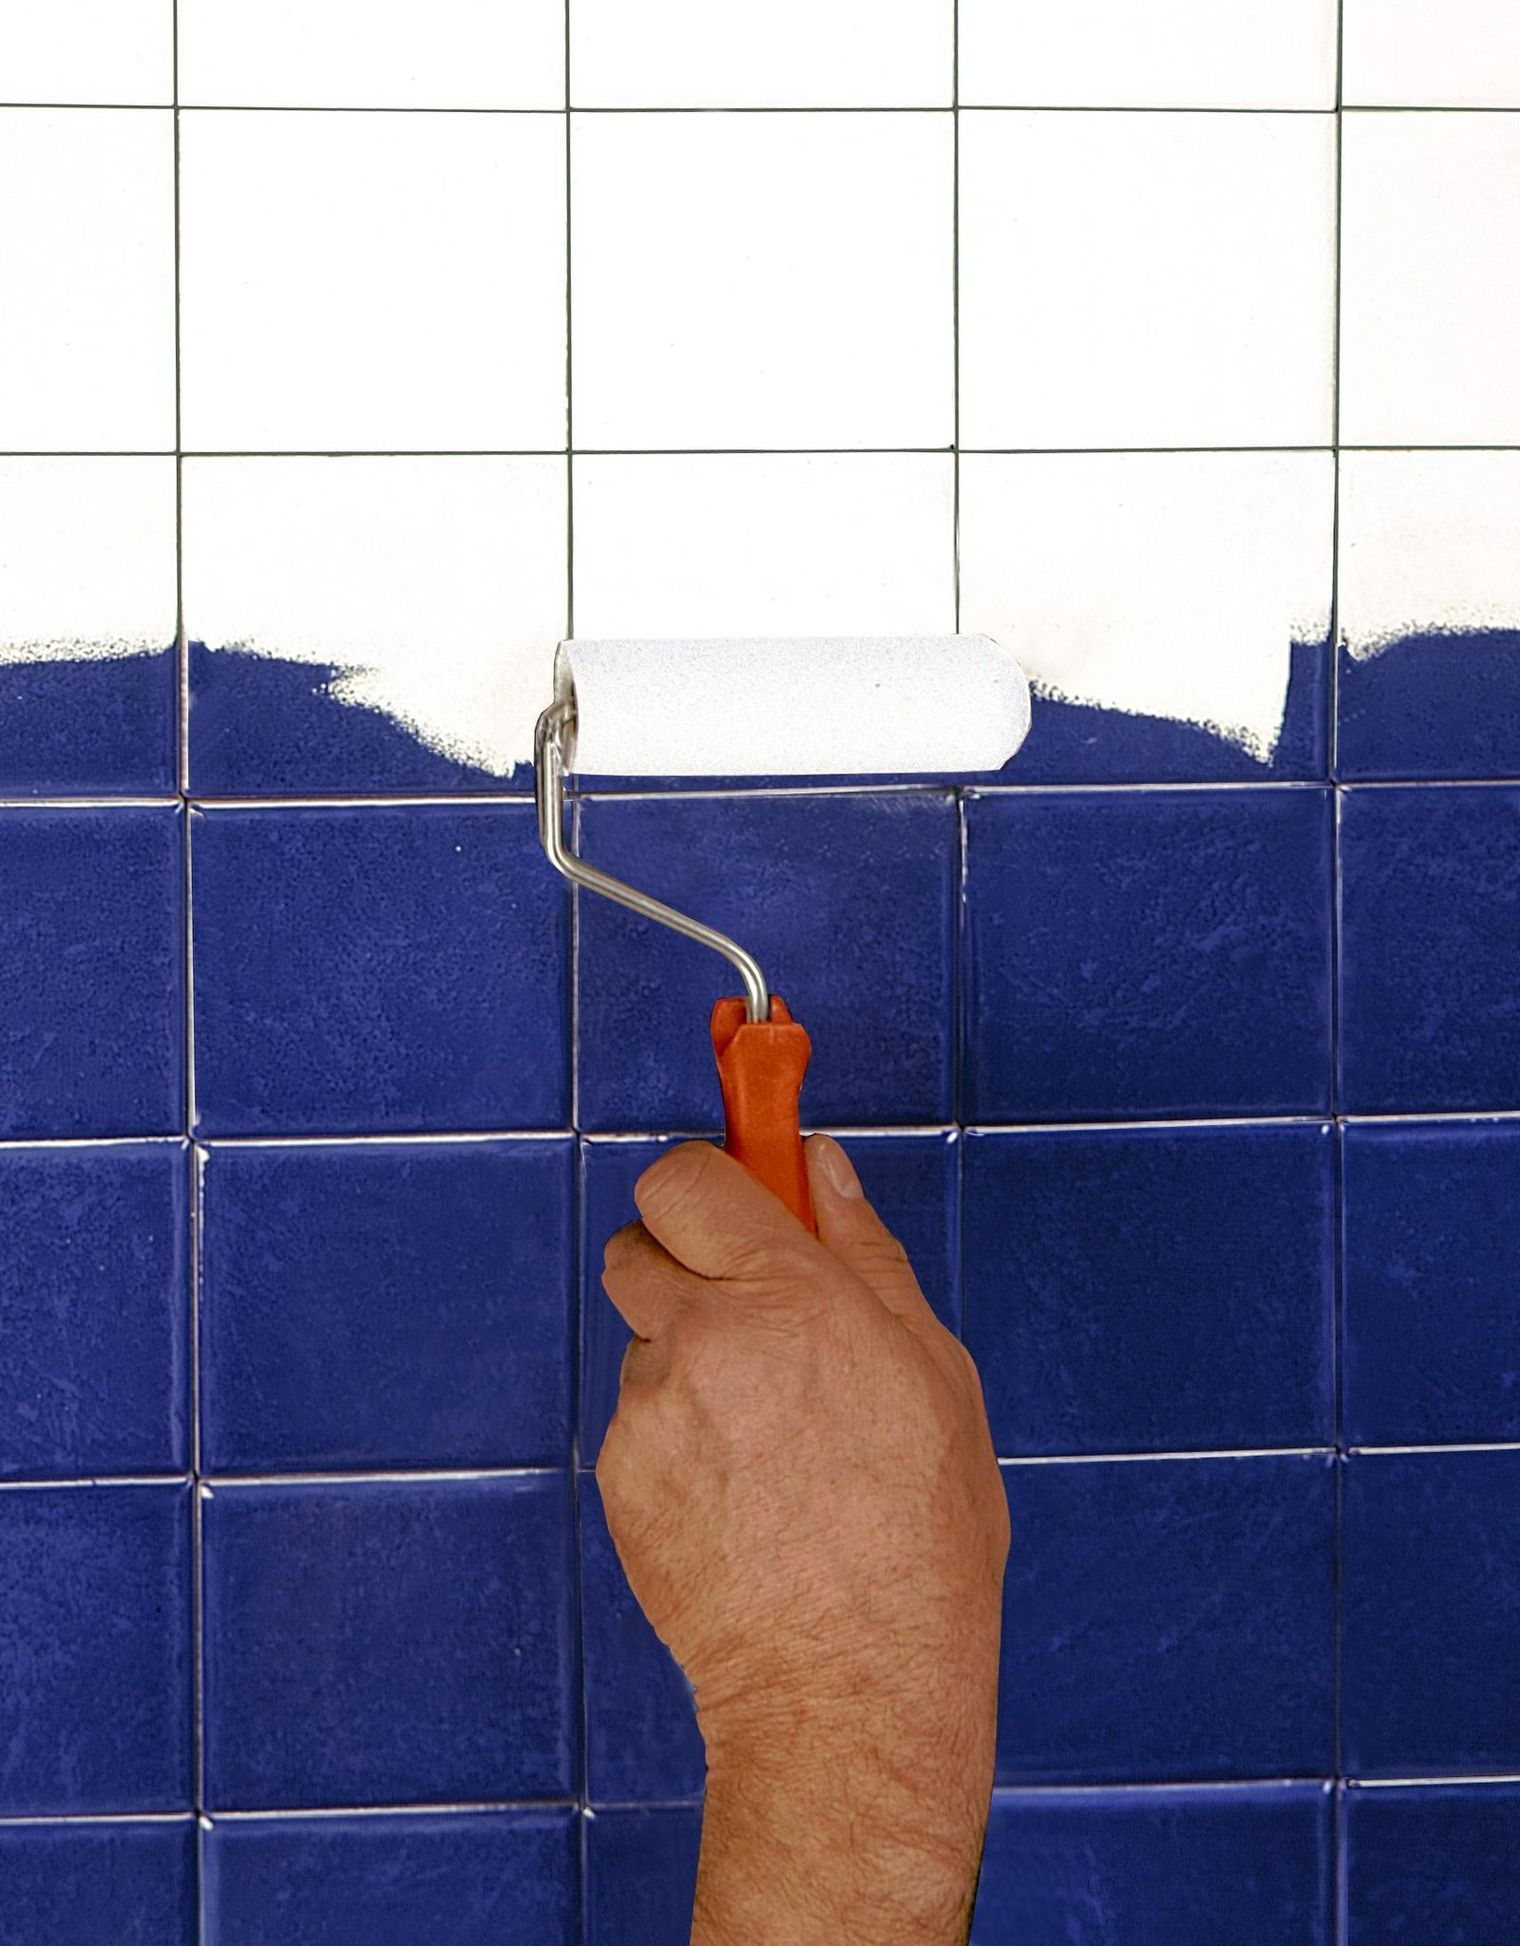 Repeindre Carrelage Salle De Bain Les Erreurs à éviter Avec La - Peinture resine pour carrelage salle de bain